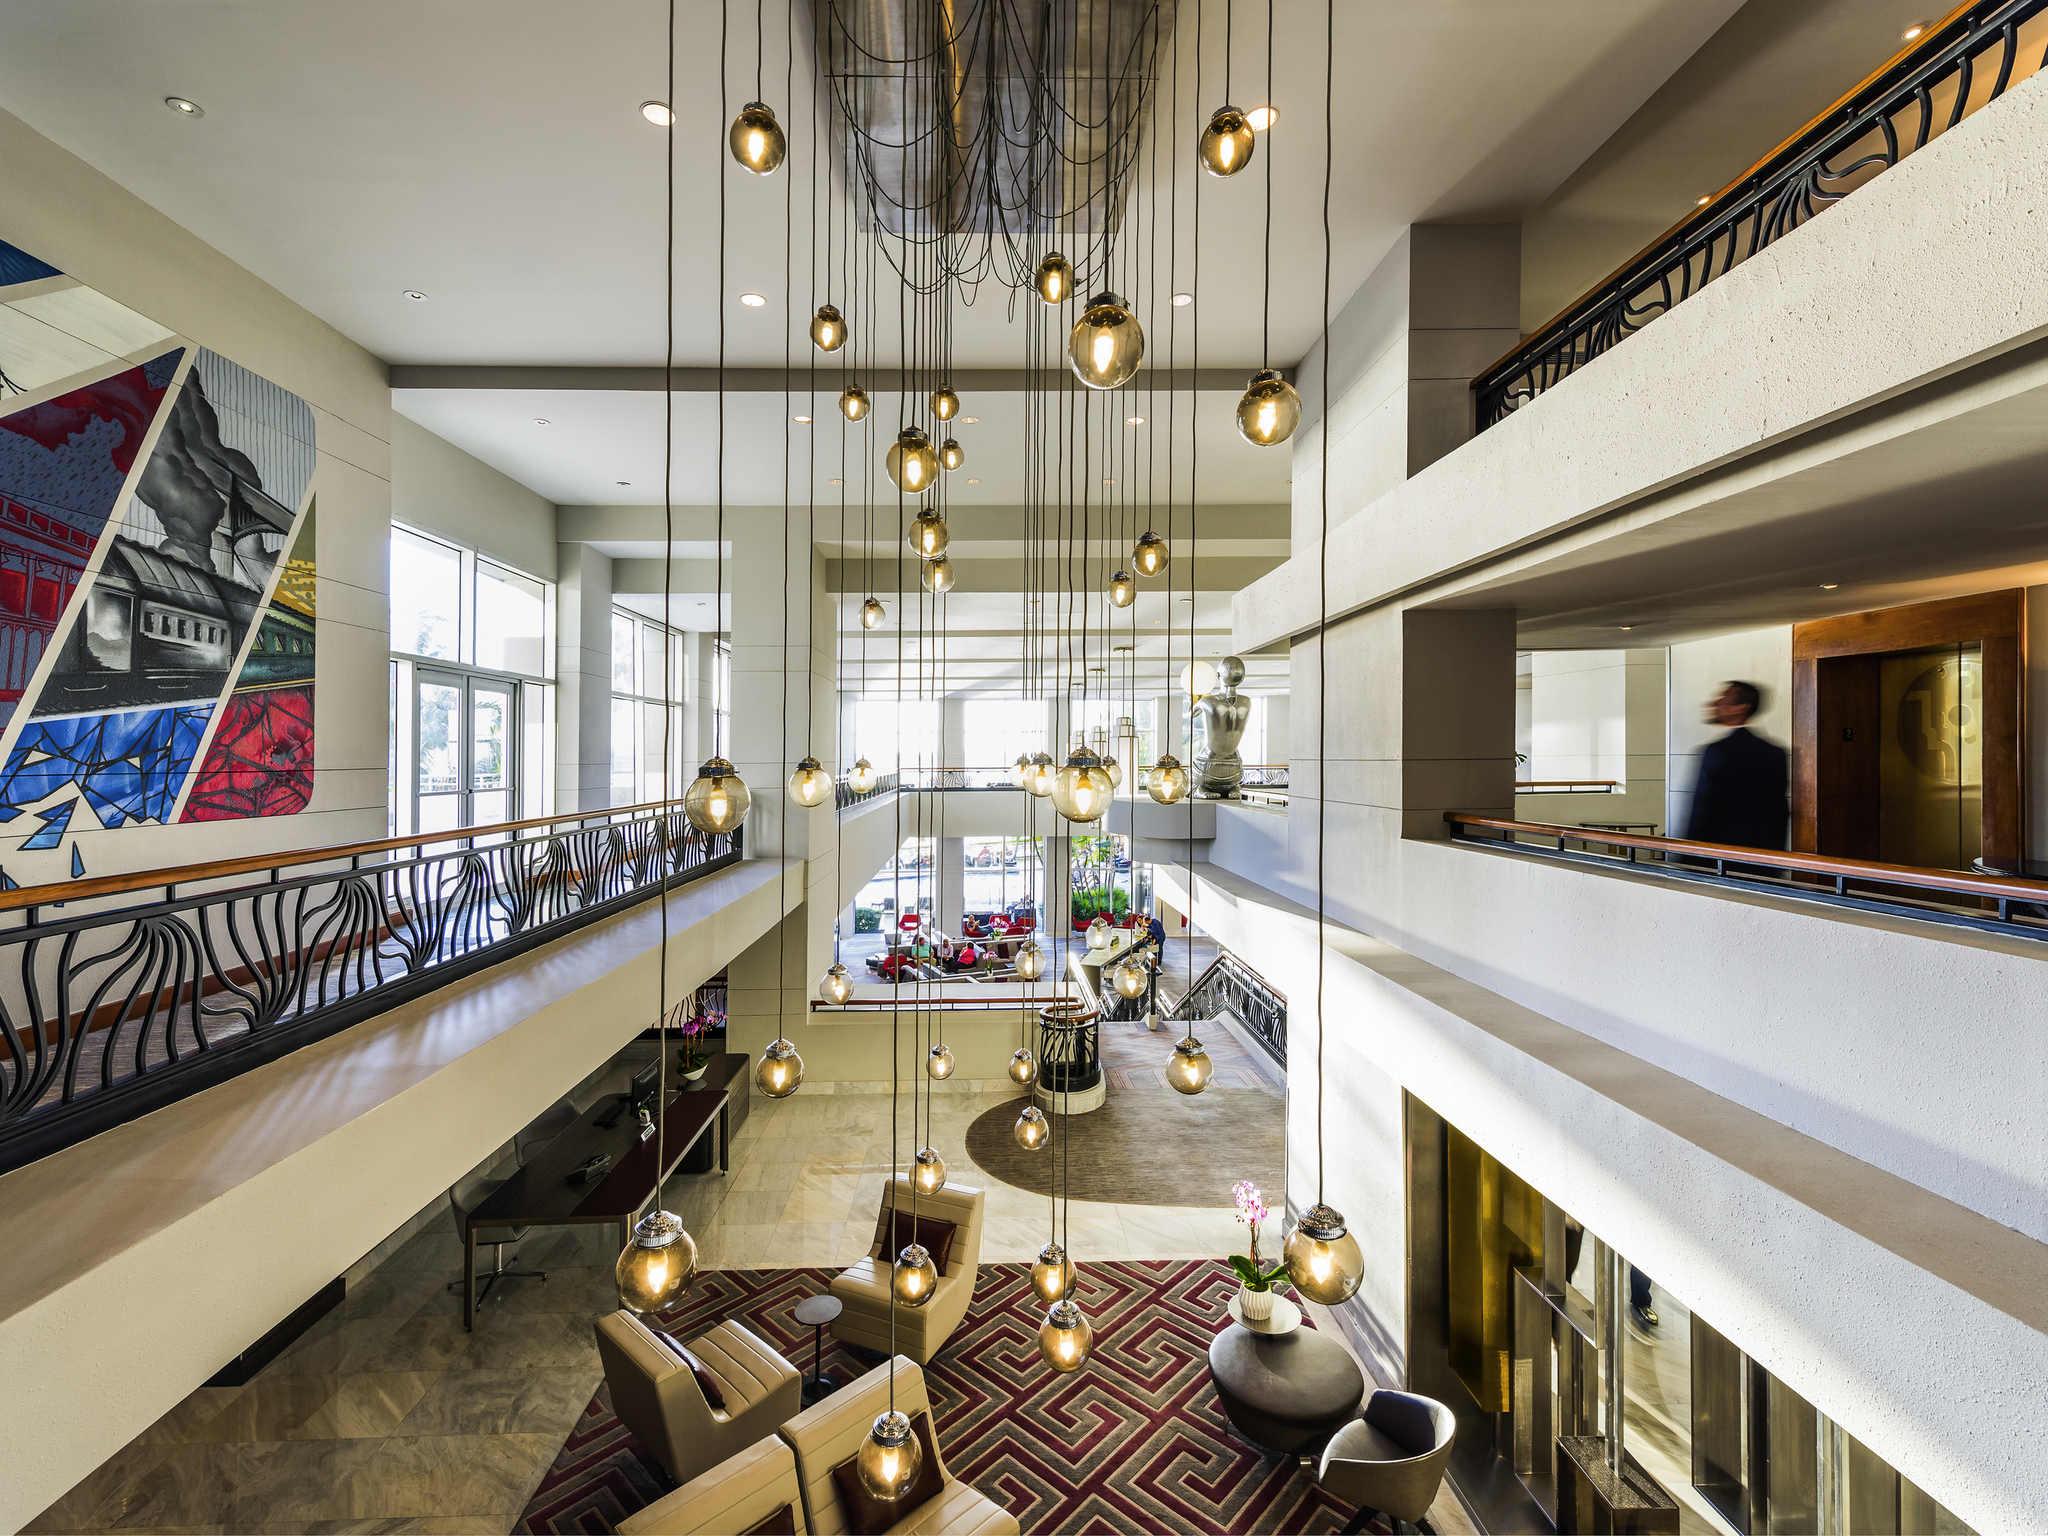 Miami Airport Hotels - Pullman Miami Hotel - Hotels near MIA